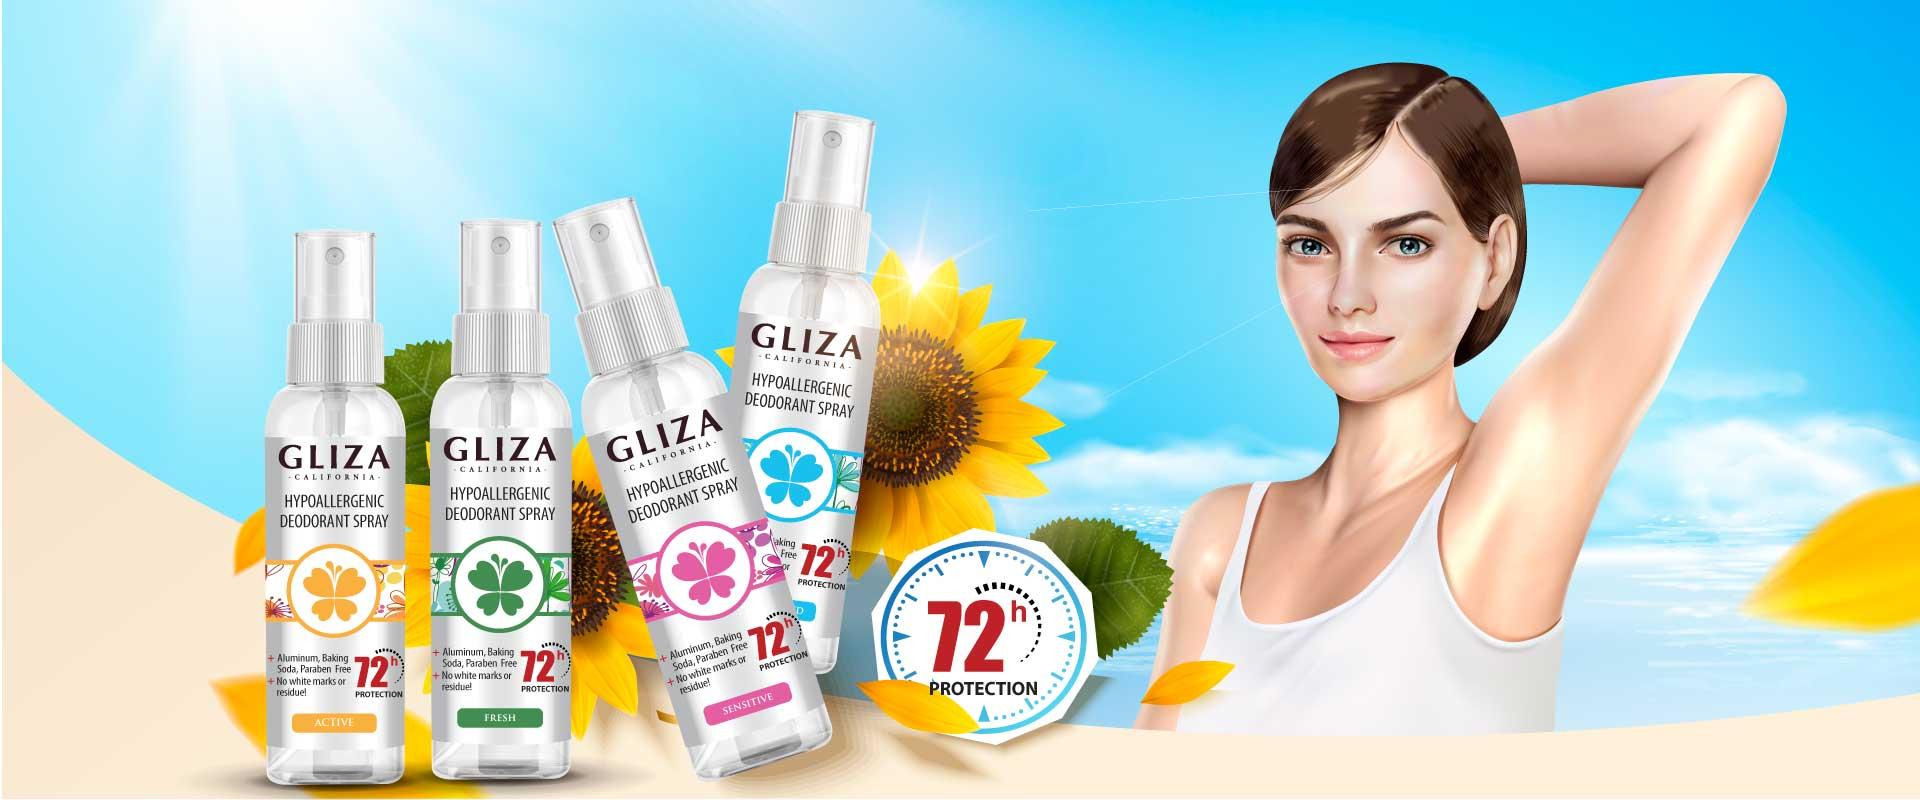 Gliza_Deodorant-Spray-Banner